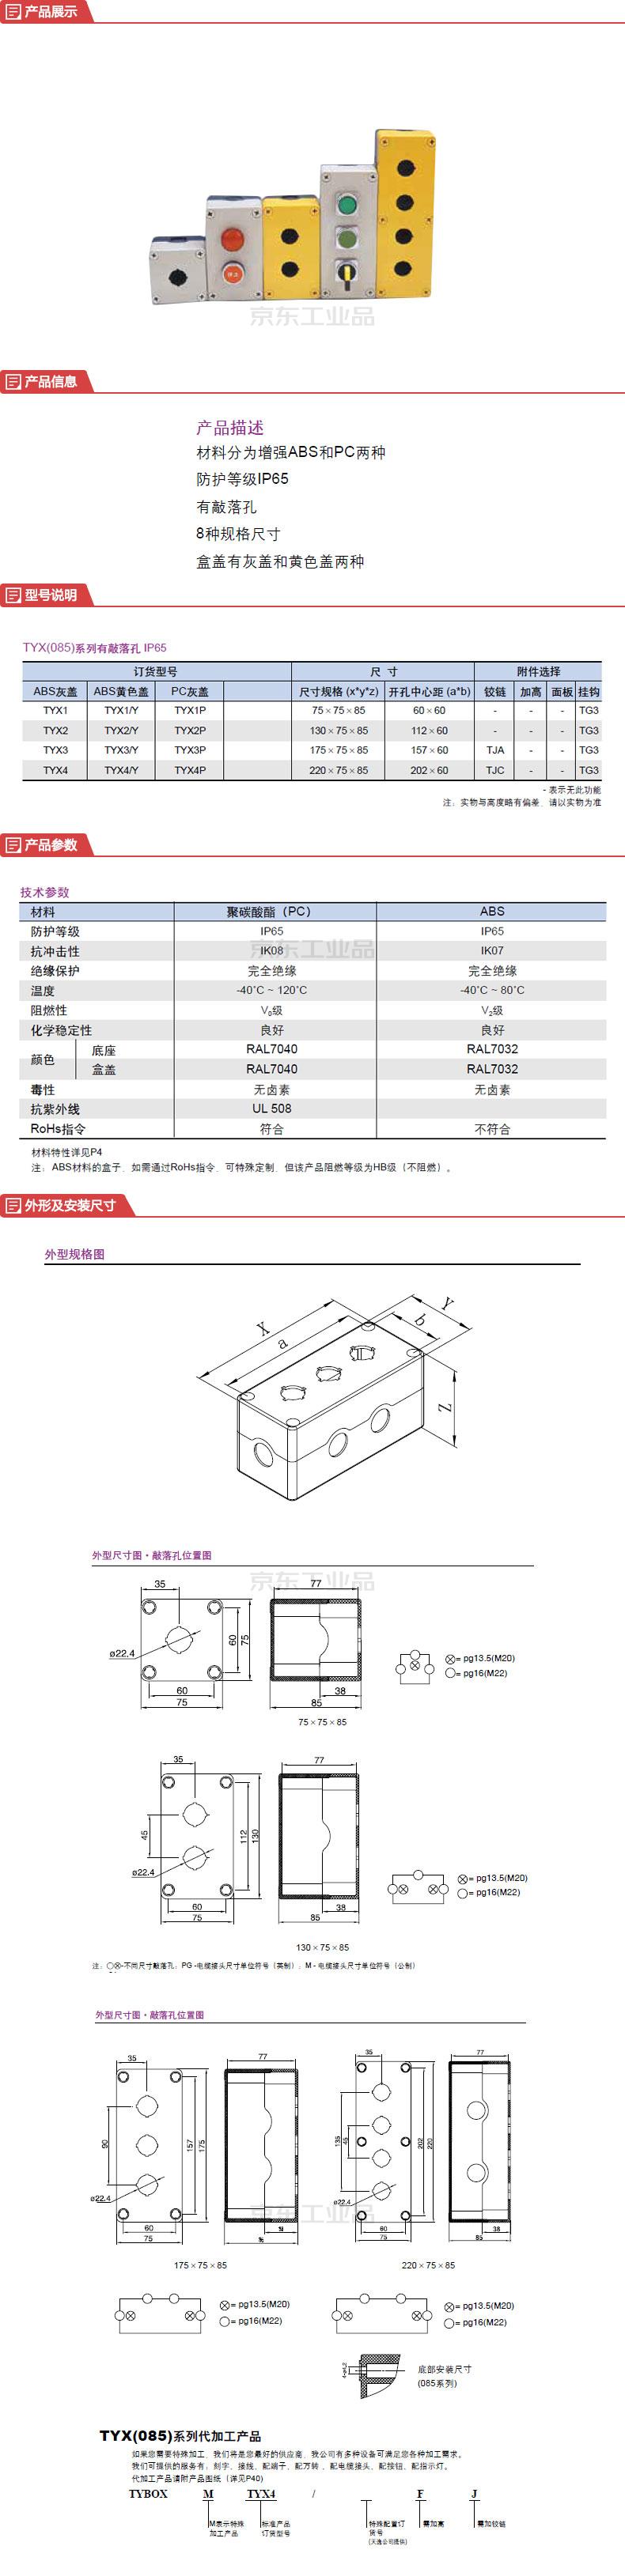 上海天逸电器 按钮盒附件;TYX2